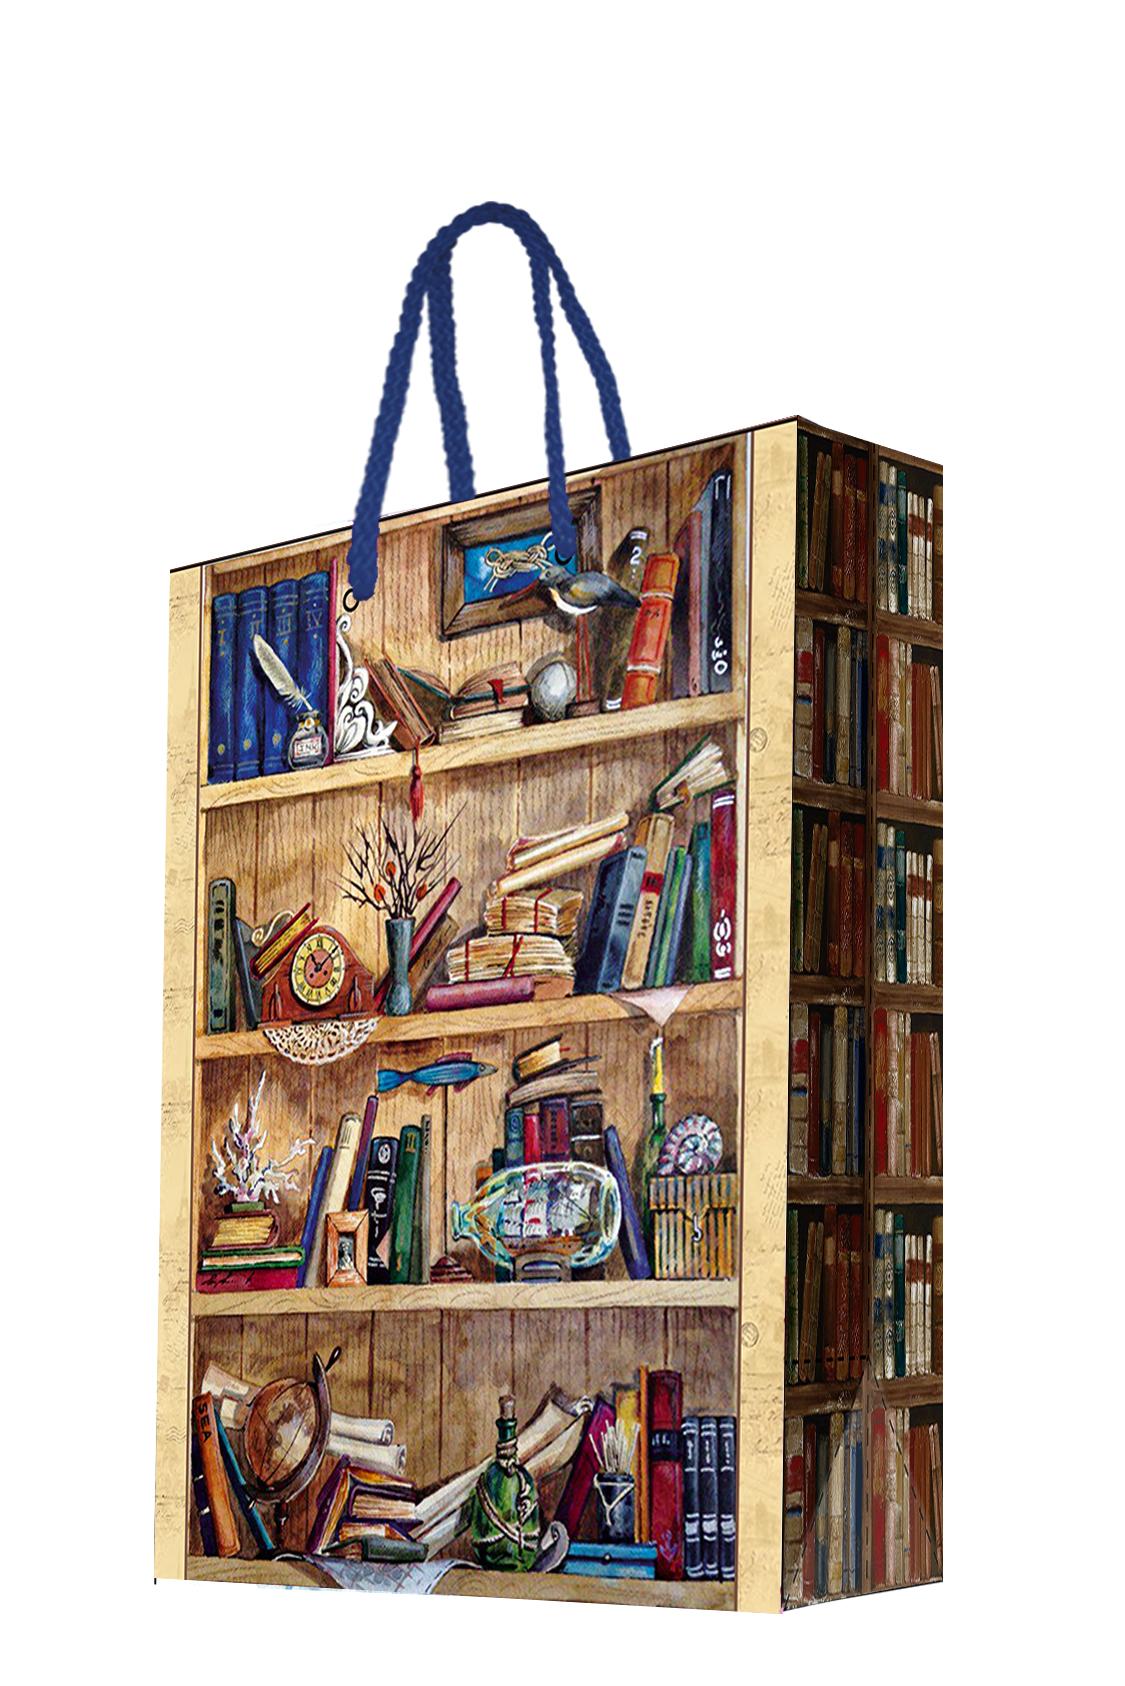 Пакет подарочный Magic Home Книжные полки, 17,8 х 22,9 х 9,8 см44178Бумажный подарочный пакет Magic Home Глобус, изготовленный из плотной бумаги, станет незаменимым дополнением к выбранному подарку. Дно изделия укреплено картоном, который позволяет сохранить форму пакета и исключает возможность деформации дна под тяжестью подарка. Пакет выполнен с ламинацией, что придает ему прочность, а изображению - яркость и насыщенность цветов. Для удобной переноски имеются две ручки в виде шнурков. Подарок, преподнесенный в оригинальной упаковке, всегда будет самым эффектным и запоминающимся. Окружите близких людей вниманием и заботой, вручив презент в нарядном, праздничном оформлении.Плотность бумаги: 140 г/м2.